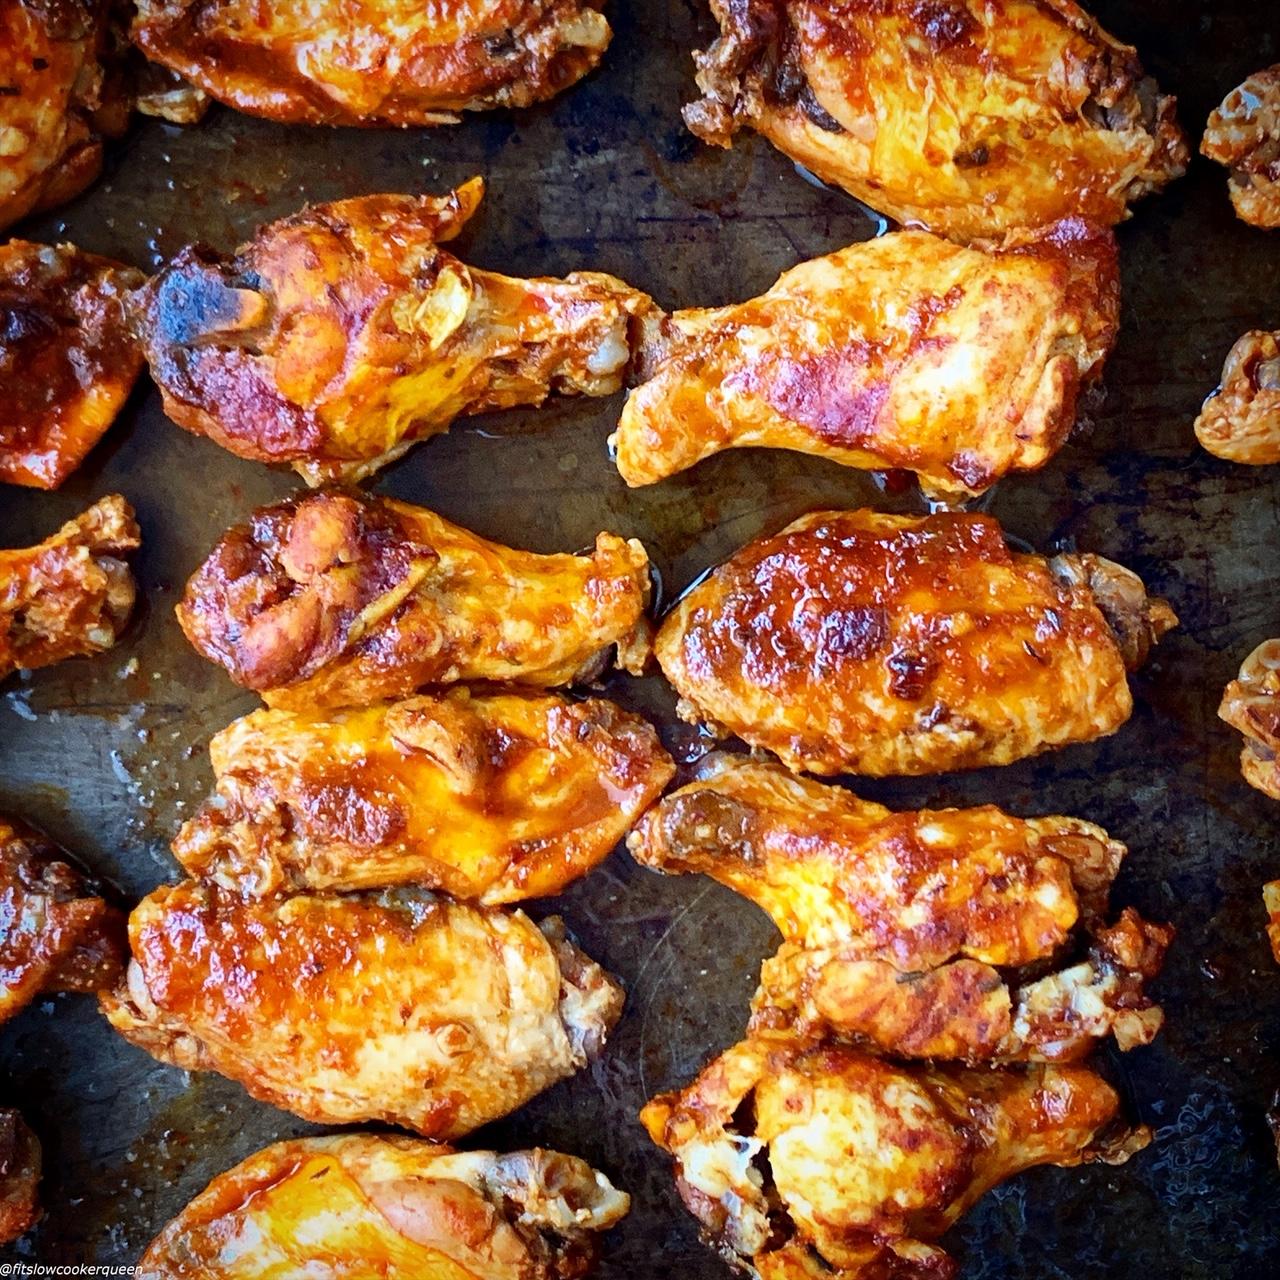 chicken wings on a baking sheet